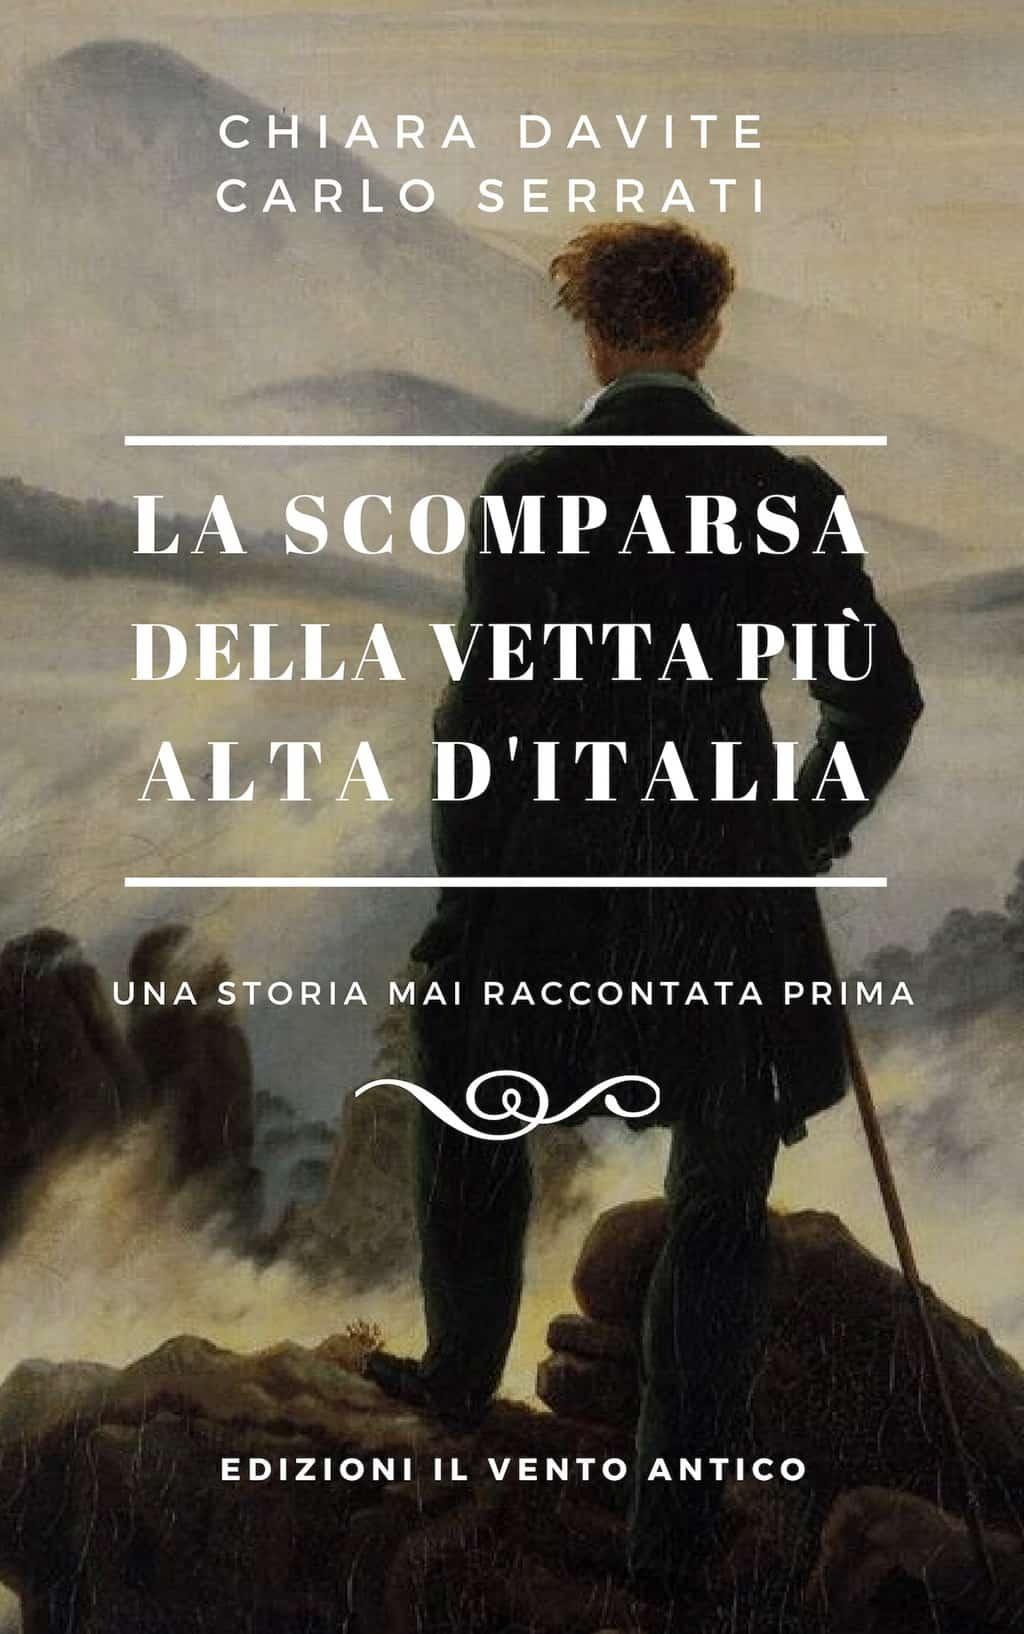 La Recensione di Matteo Palli a La scomparsa della vetta più alta d'Italia